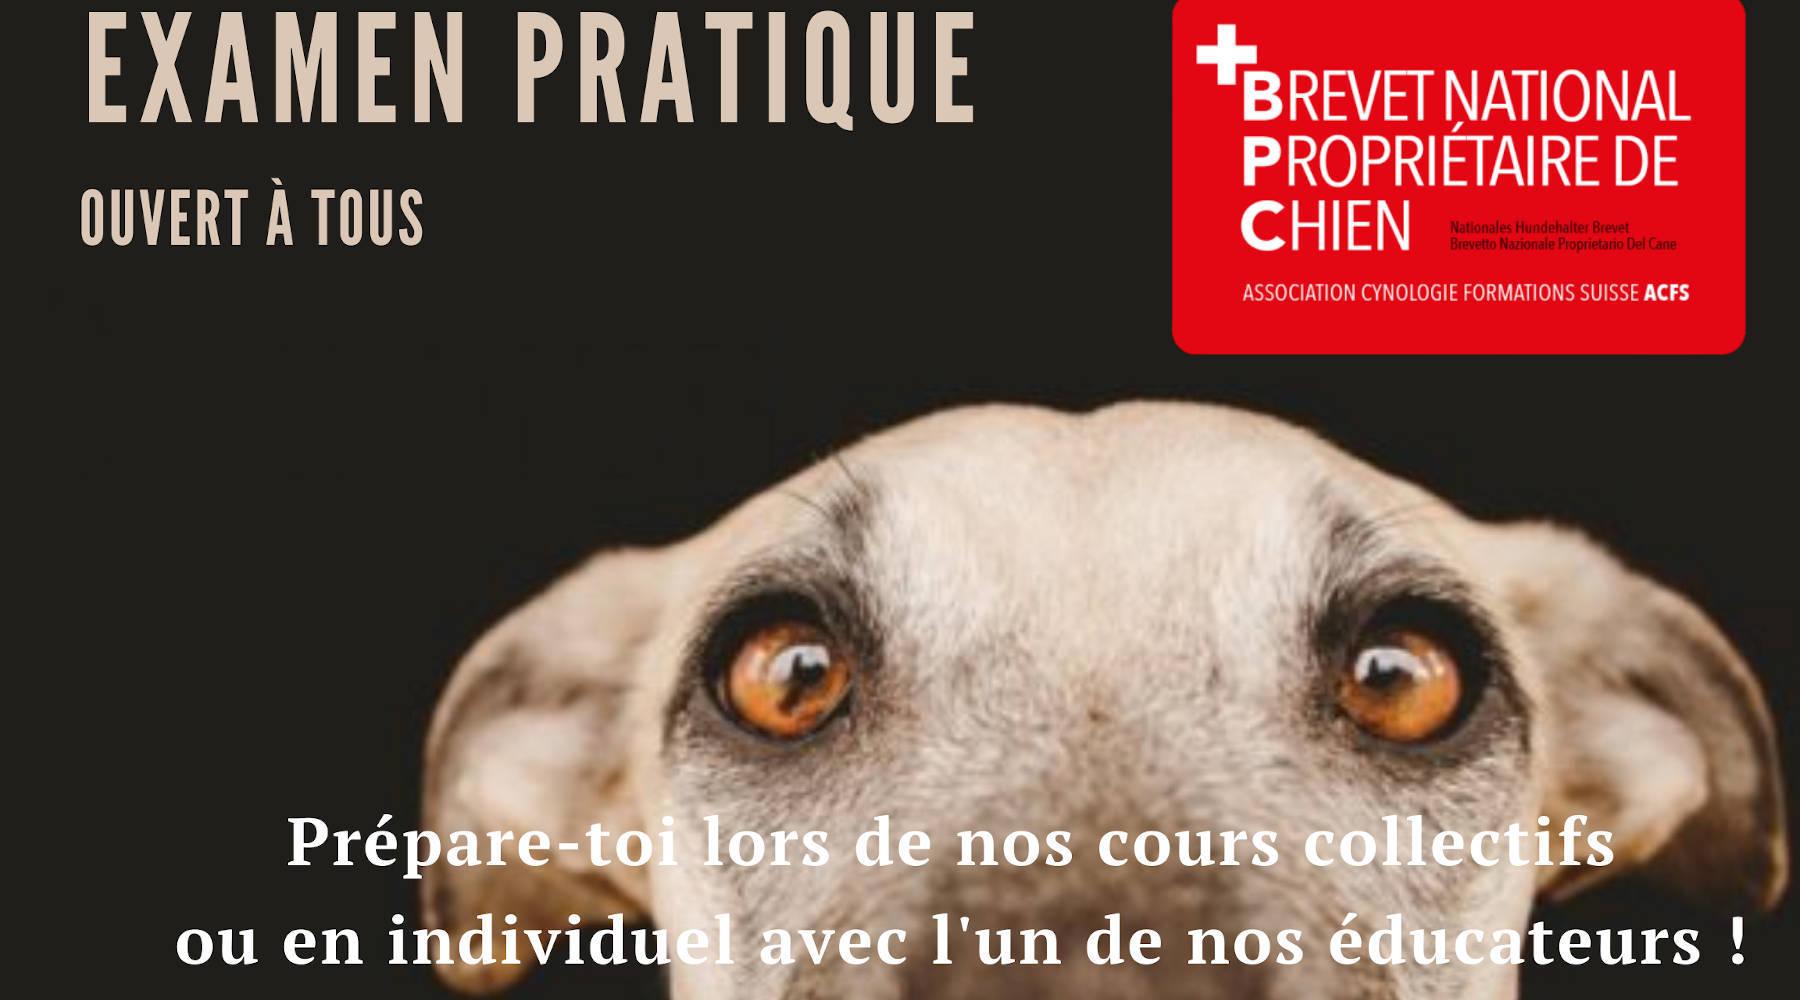 Examen pratique, brevet national de propriétaire de chien